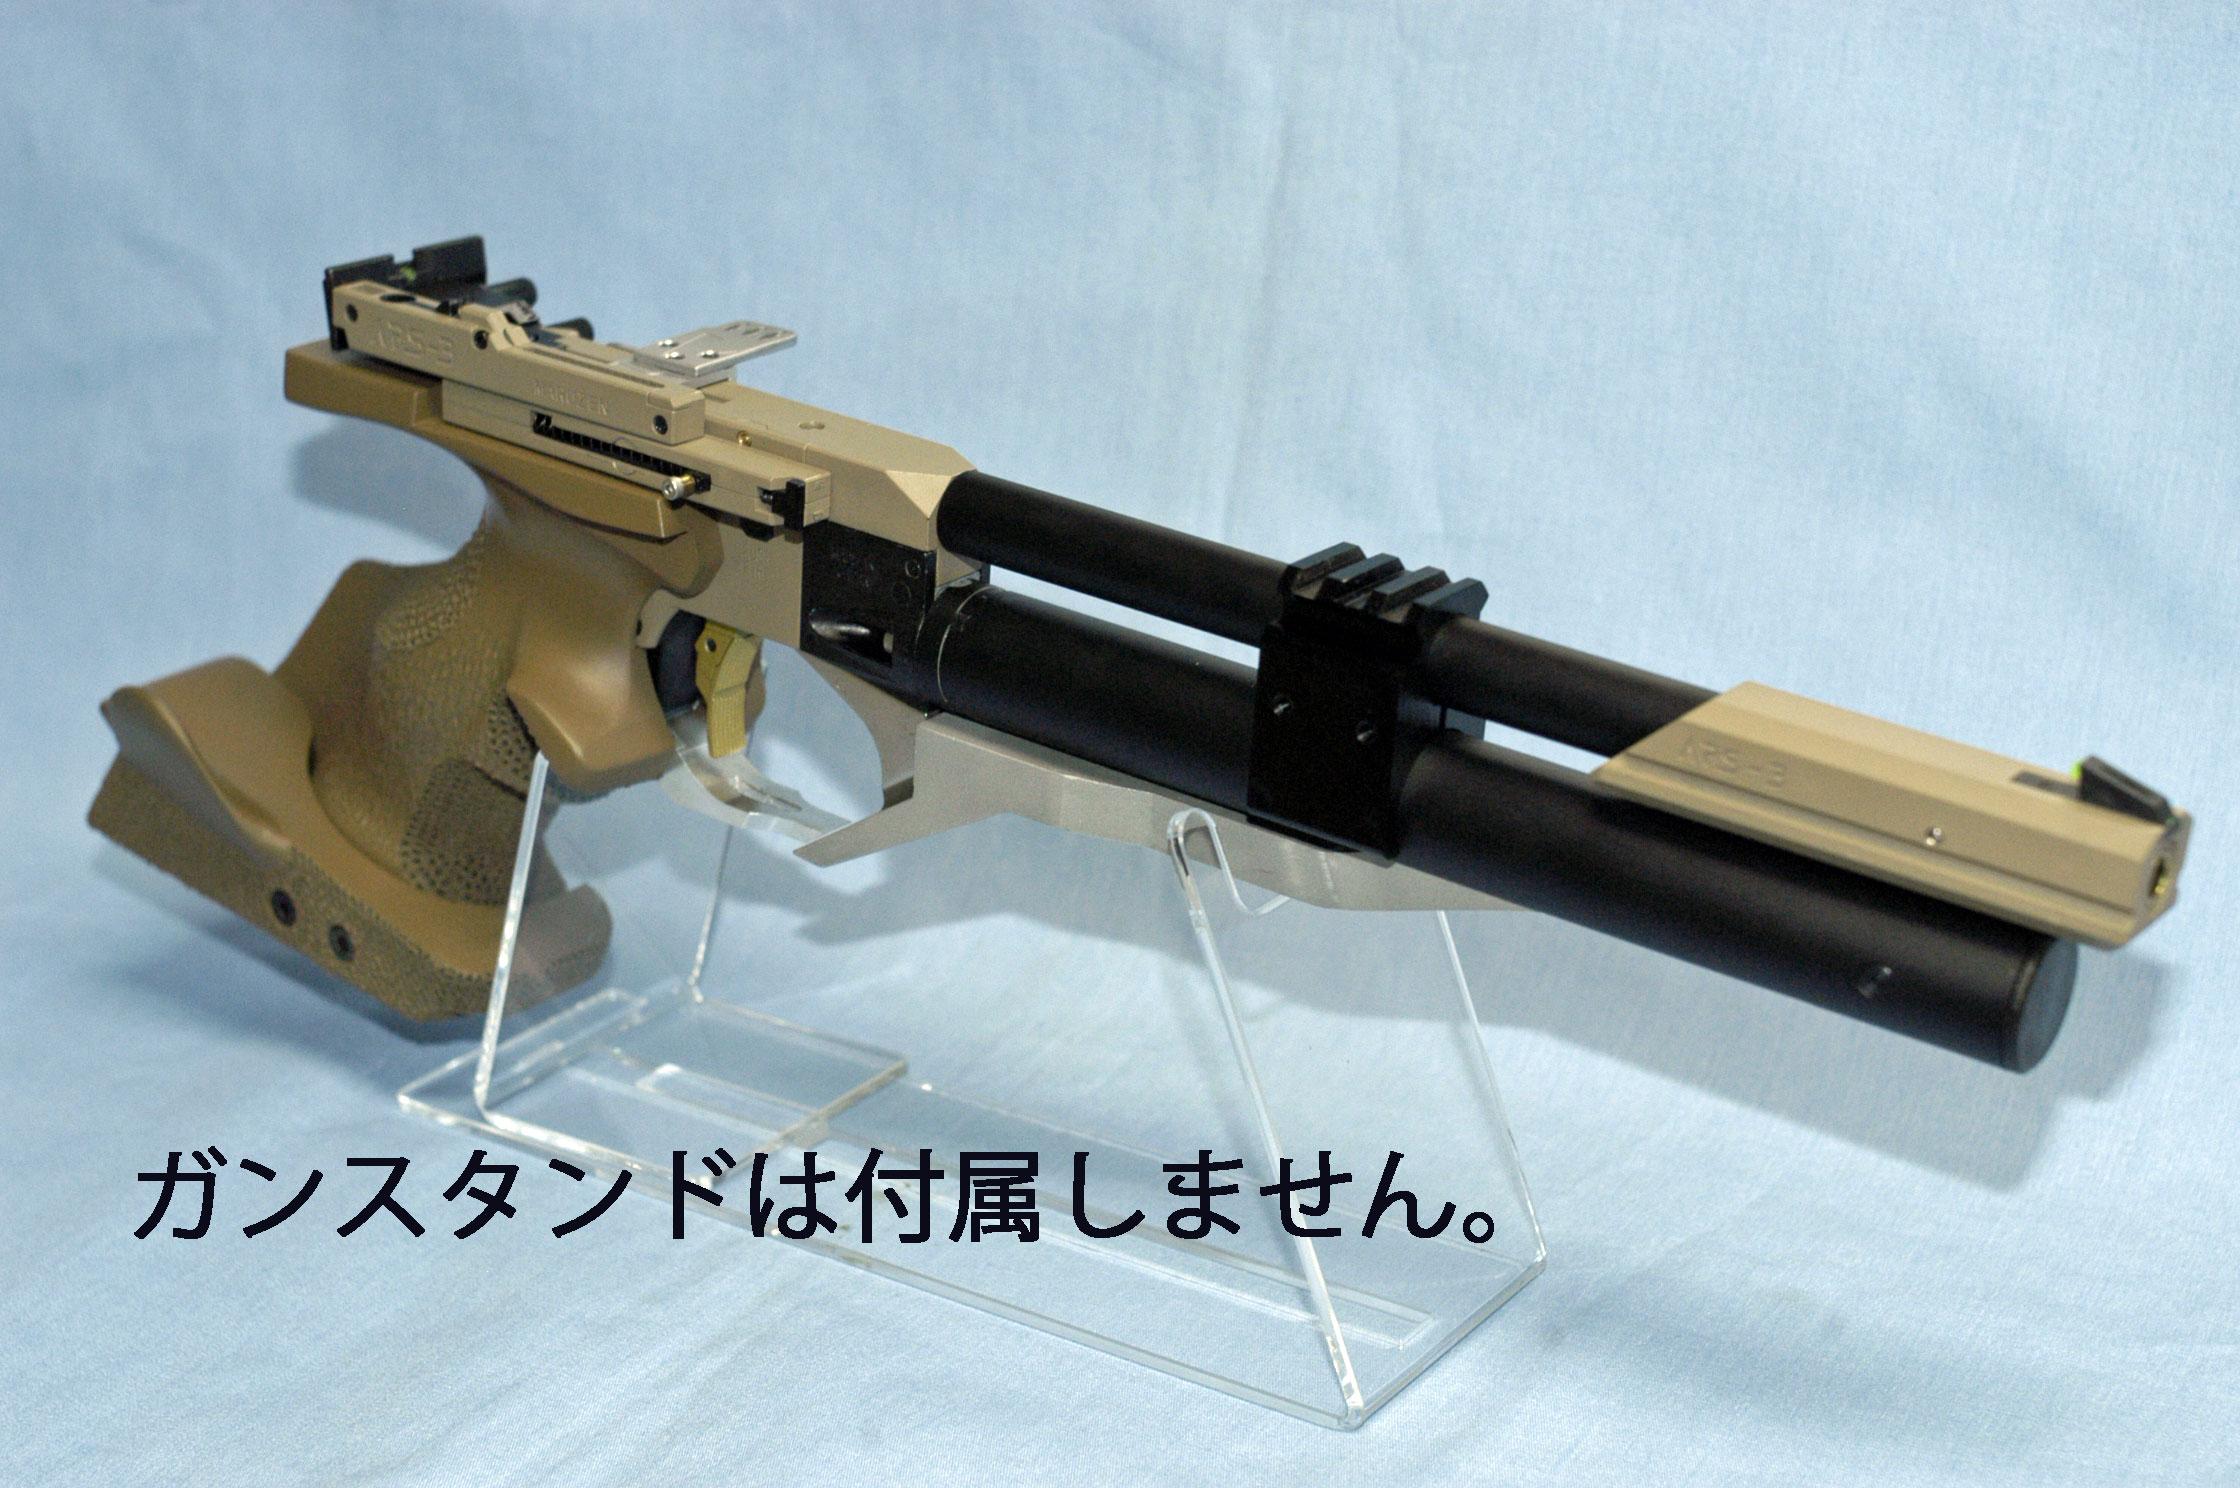 5-039  APS-3コヨーテブラウン&タンカラ―カスタム。